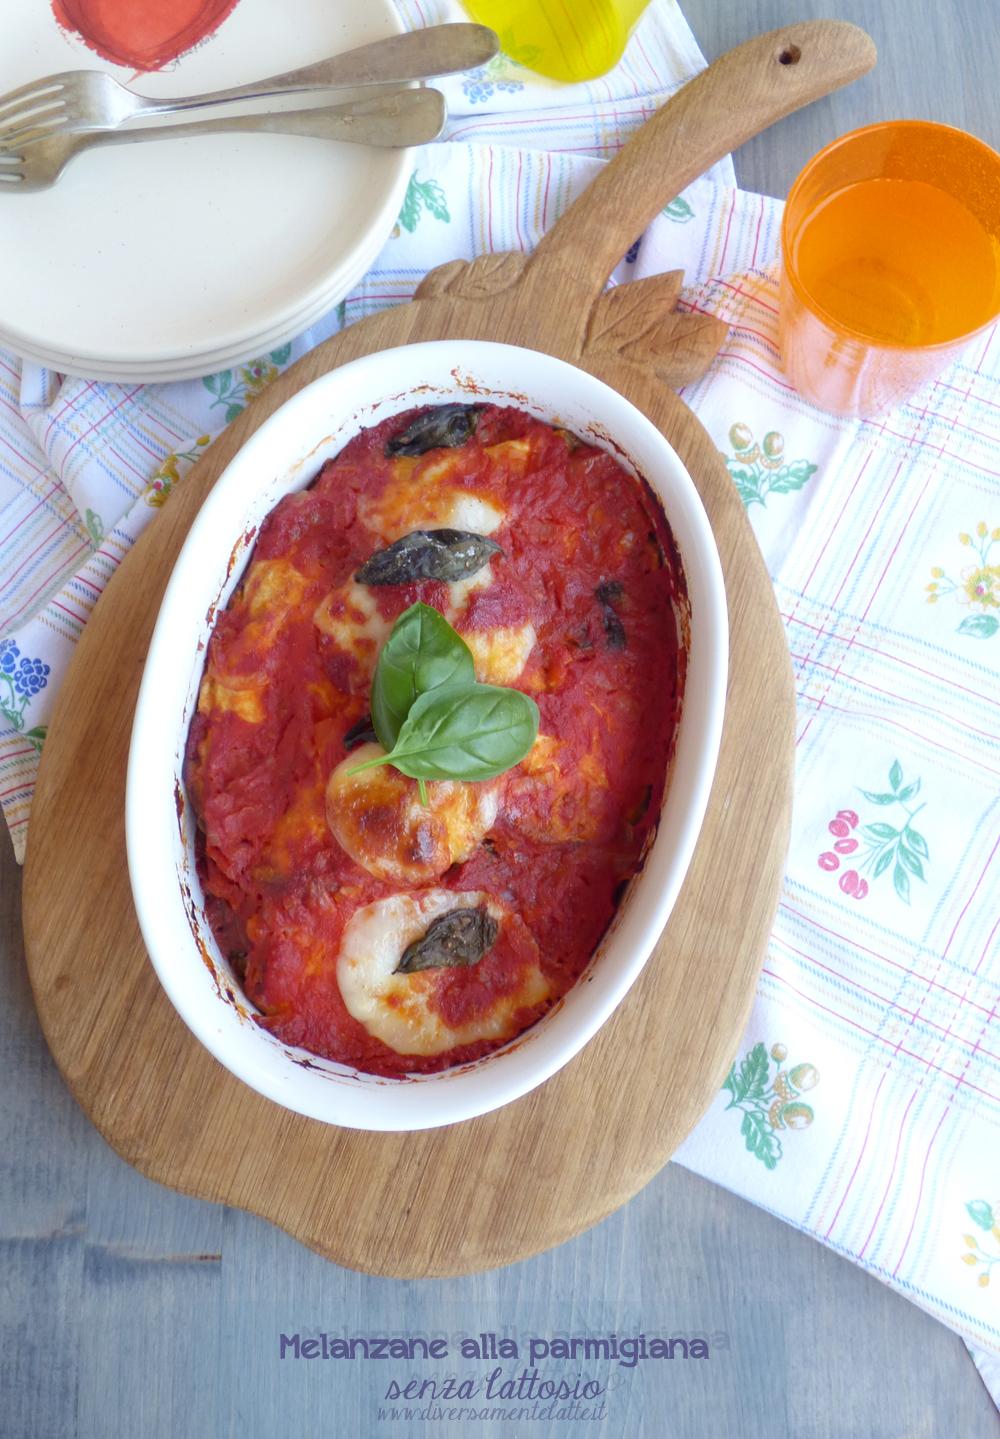 melanzane alla parmigiana senza lattosio